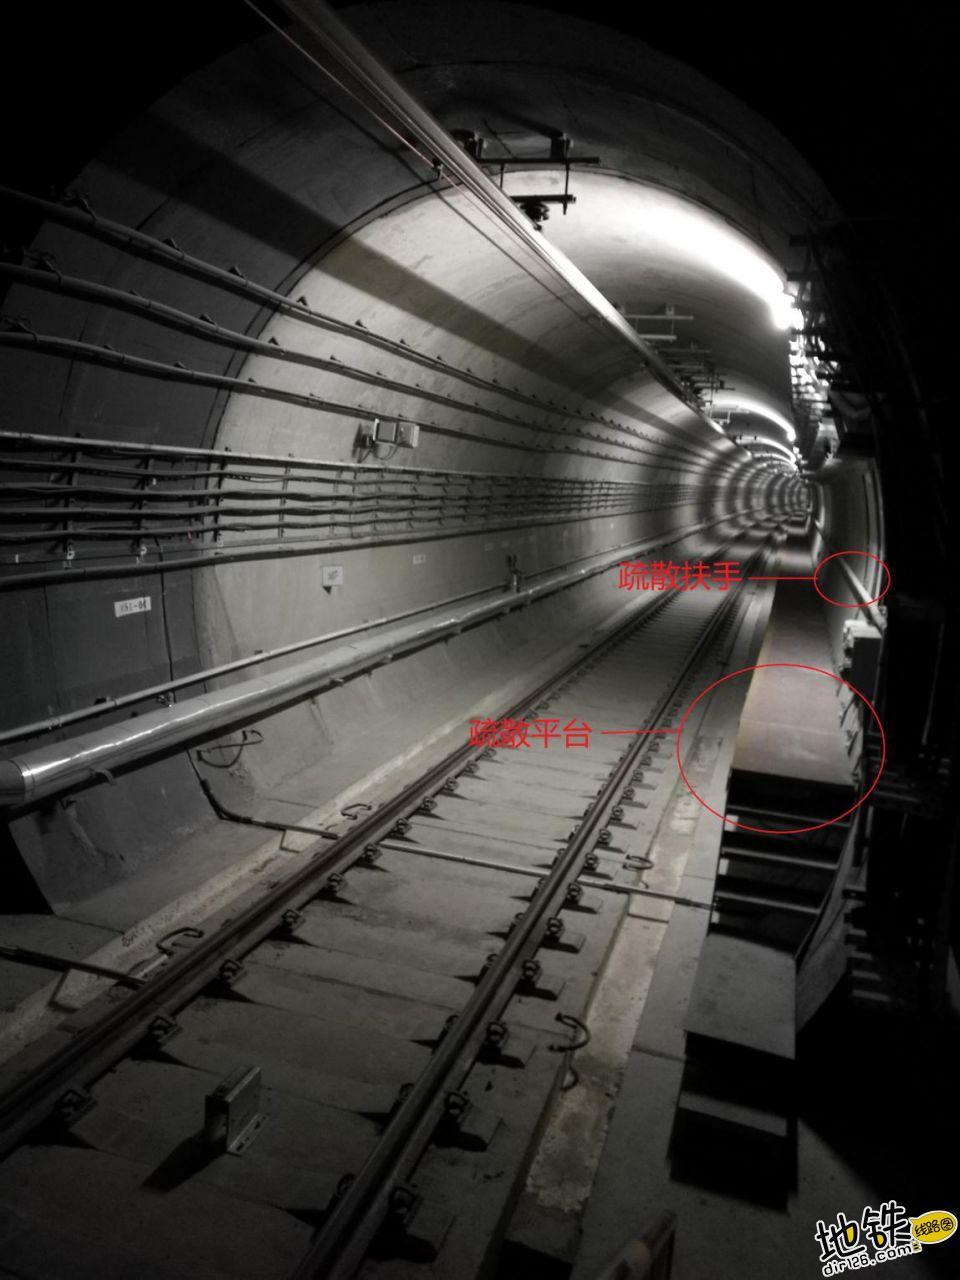 地铁隧道疏散平台简介 隧道 乘客 疏散平台 地铁 轨道知识  第2张